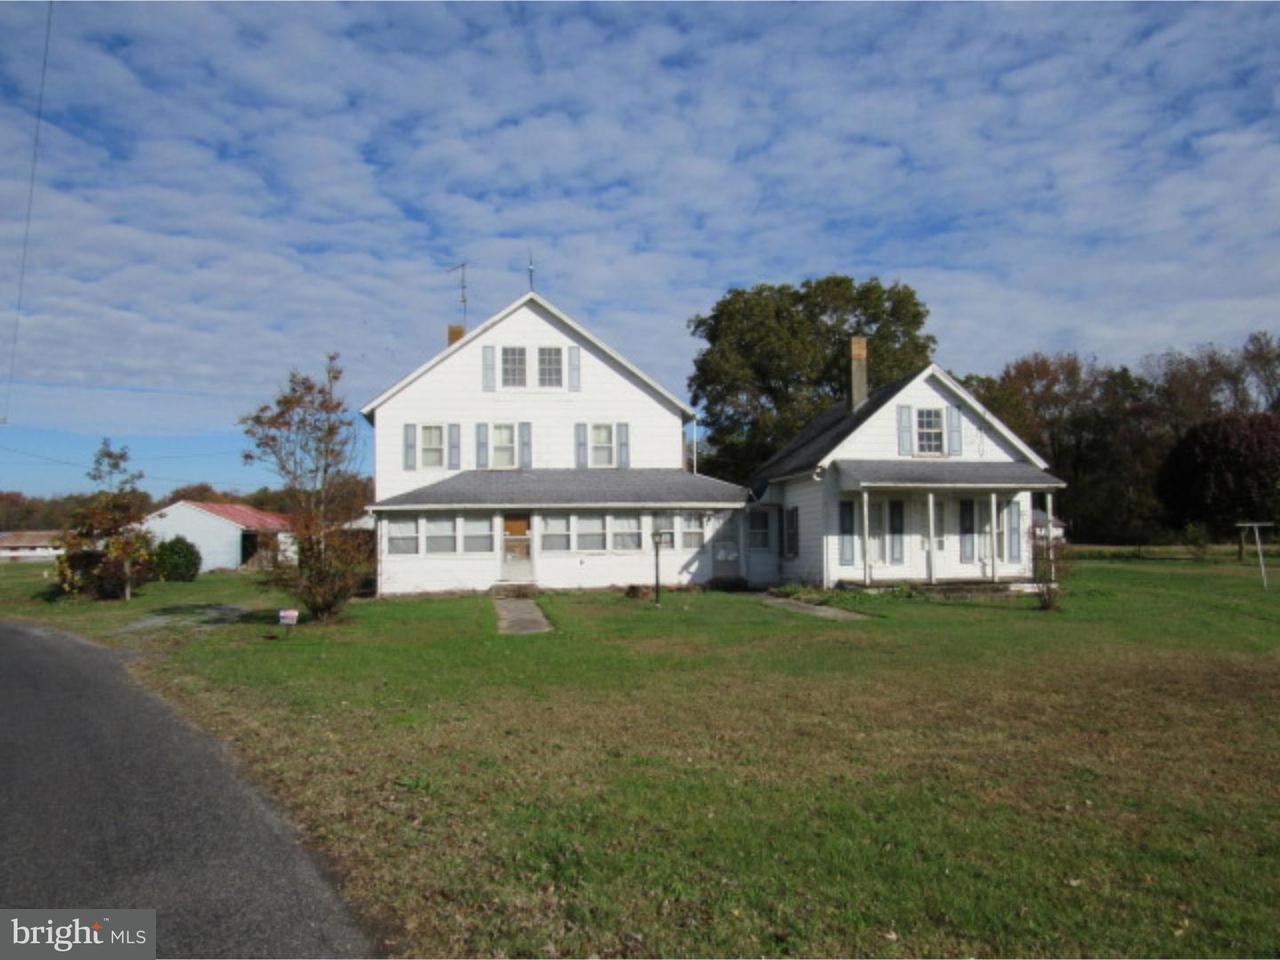 Tek Ailelik Ev için Satış at 36855 BRITTINGHAM Road Delmar, Delaware 19940 Amerika Birleşik Devletleri